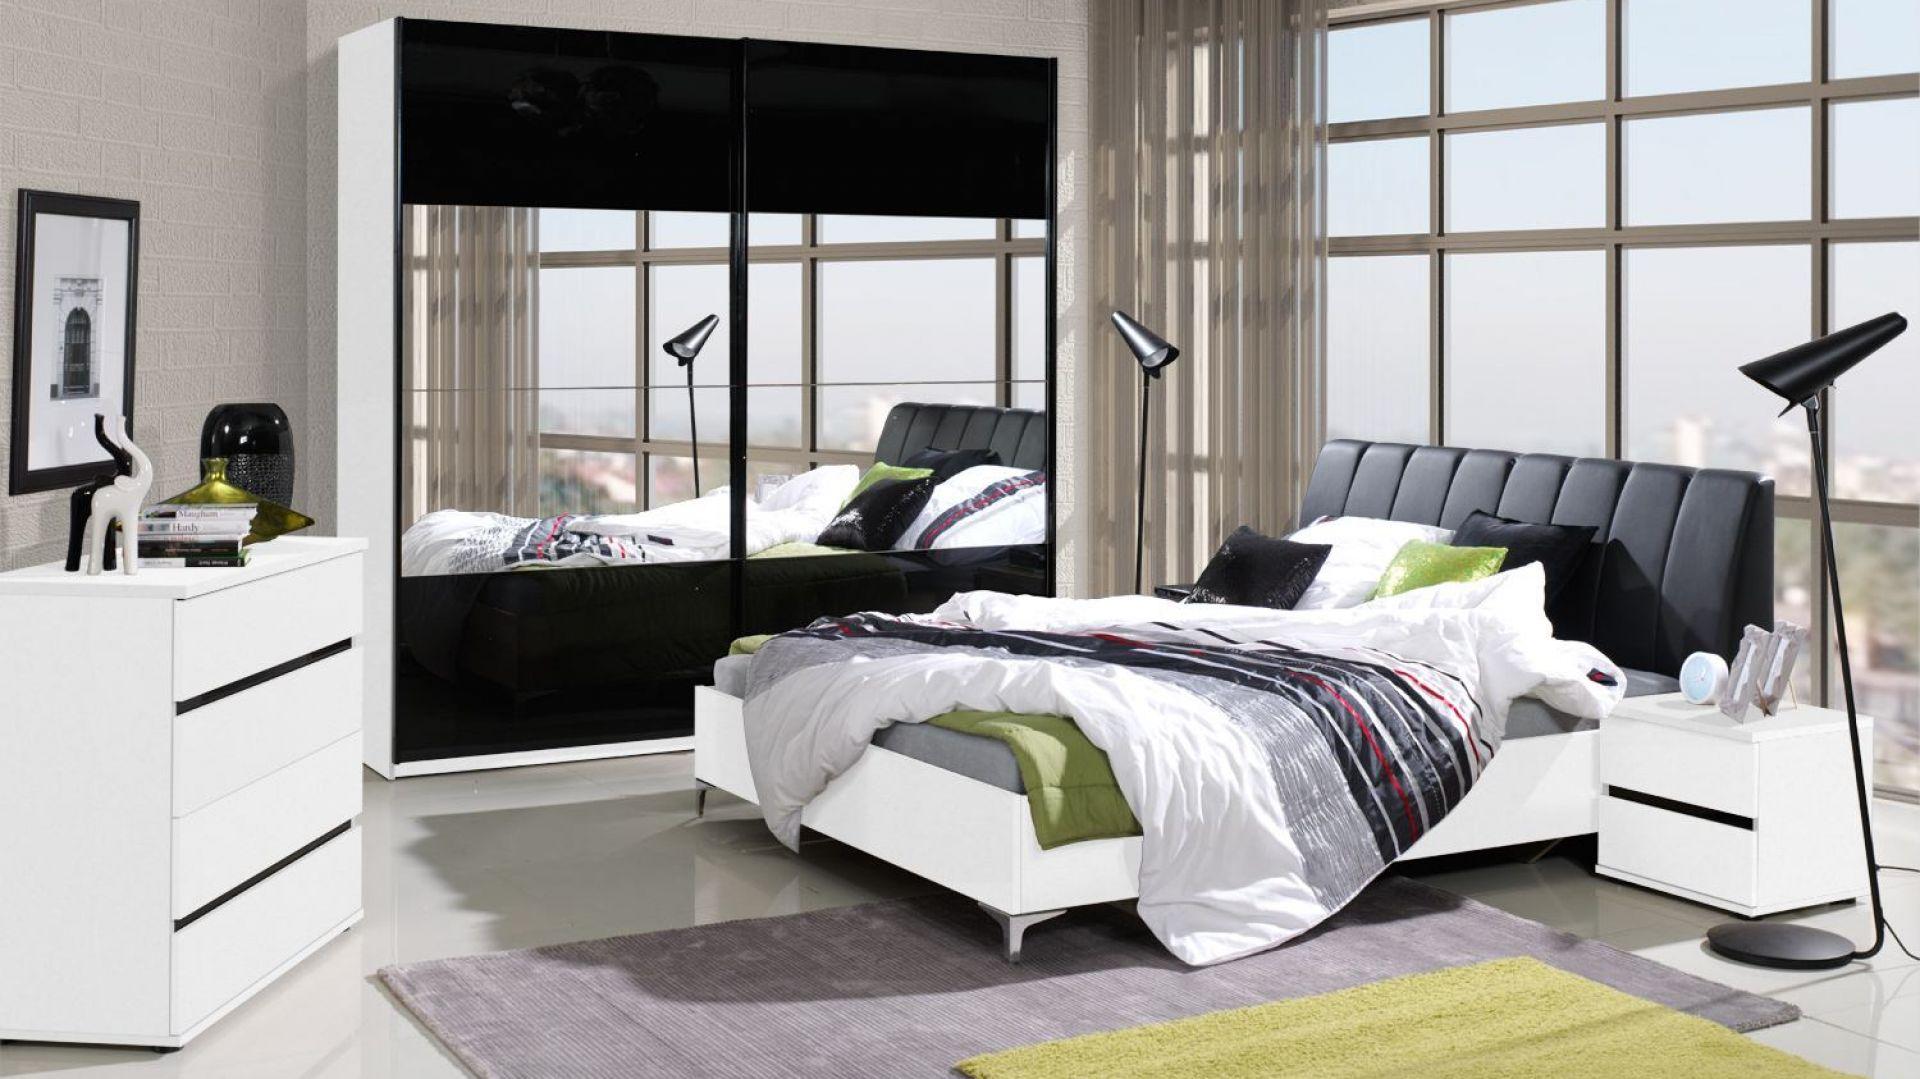 Kolekcja Saragossa w kolorze białym i czarnym w połysku. W skład kolekcji wchodzą łóżko, szafki nocne, komoda oraz szafy. Cena łóżka: od 799 zł. Fot. Agata Meble